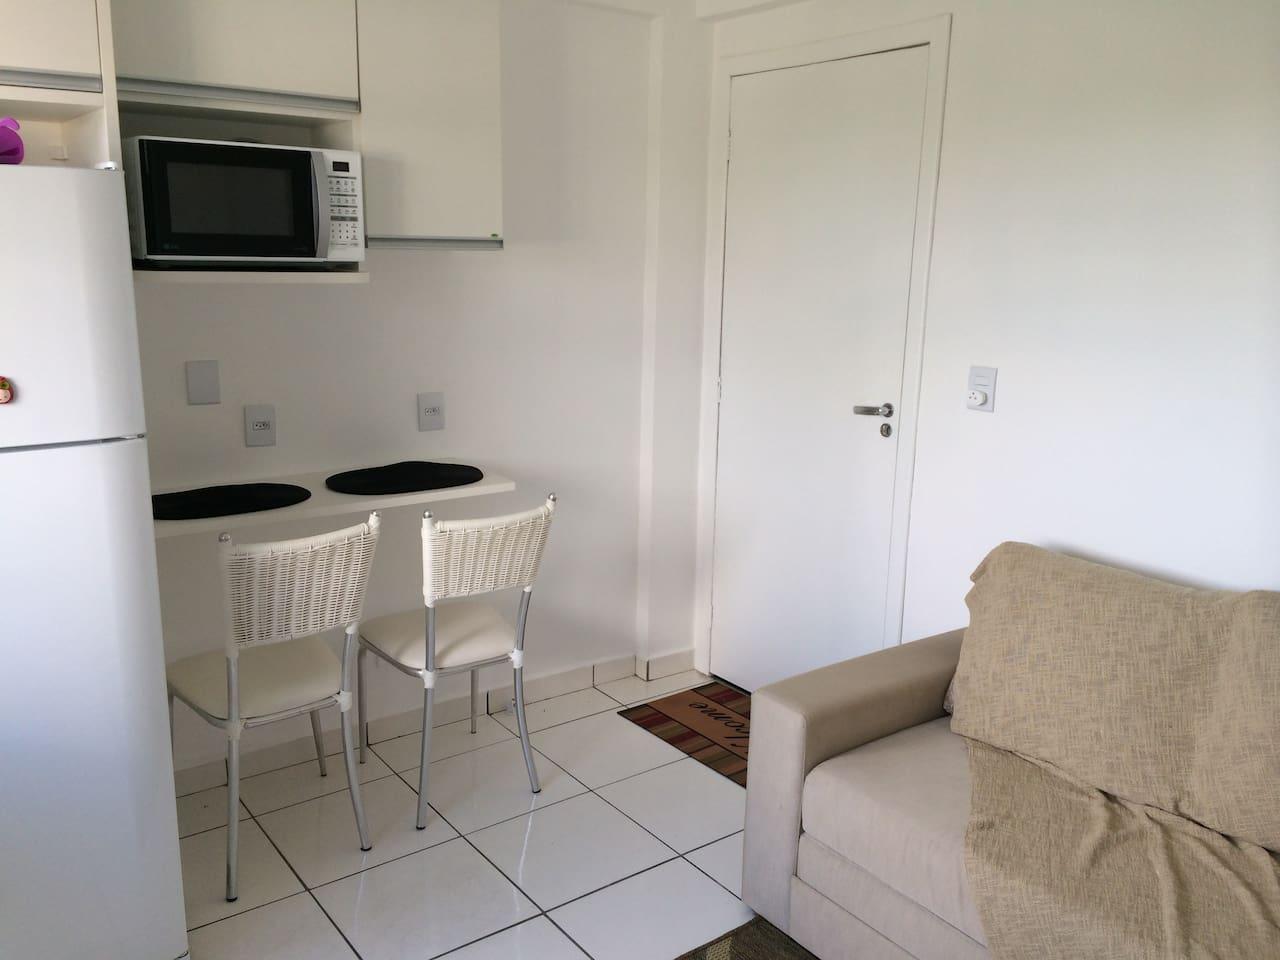 Sofa-bed and eating table. Sofa-bed may be used by a 3rd and 4th person. / PT: Sofa-cama e mesa para comer. Sofa-cama pode ser usado por um 3o e 4o hóspede.